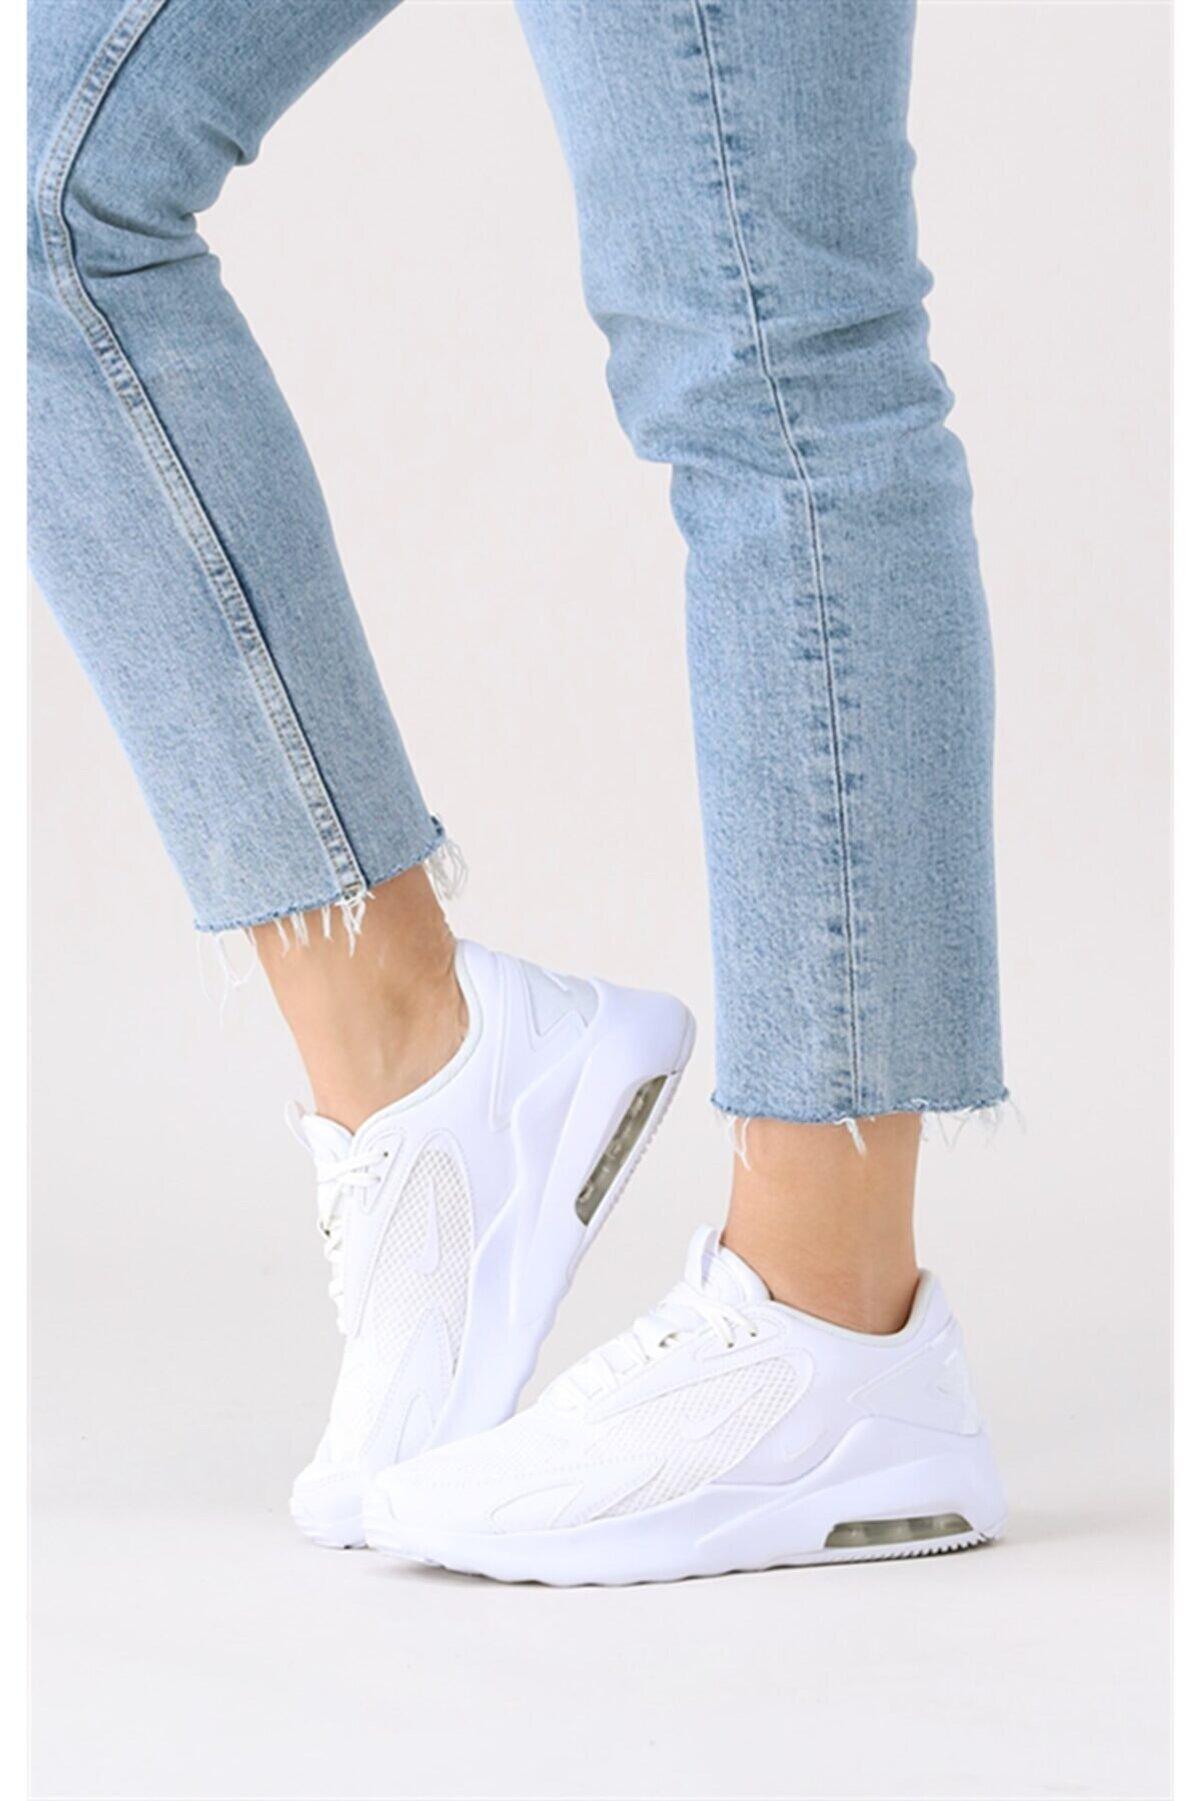 Nike Air Max Bolt Kadın Günlük Spor Ayakkabı Beyaz Cu4152100